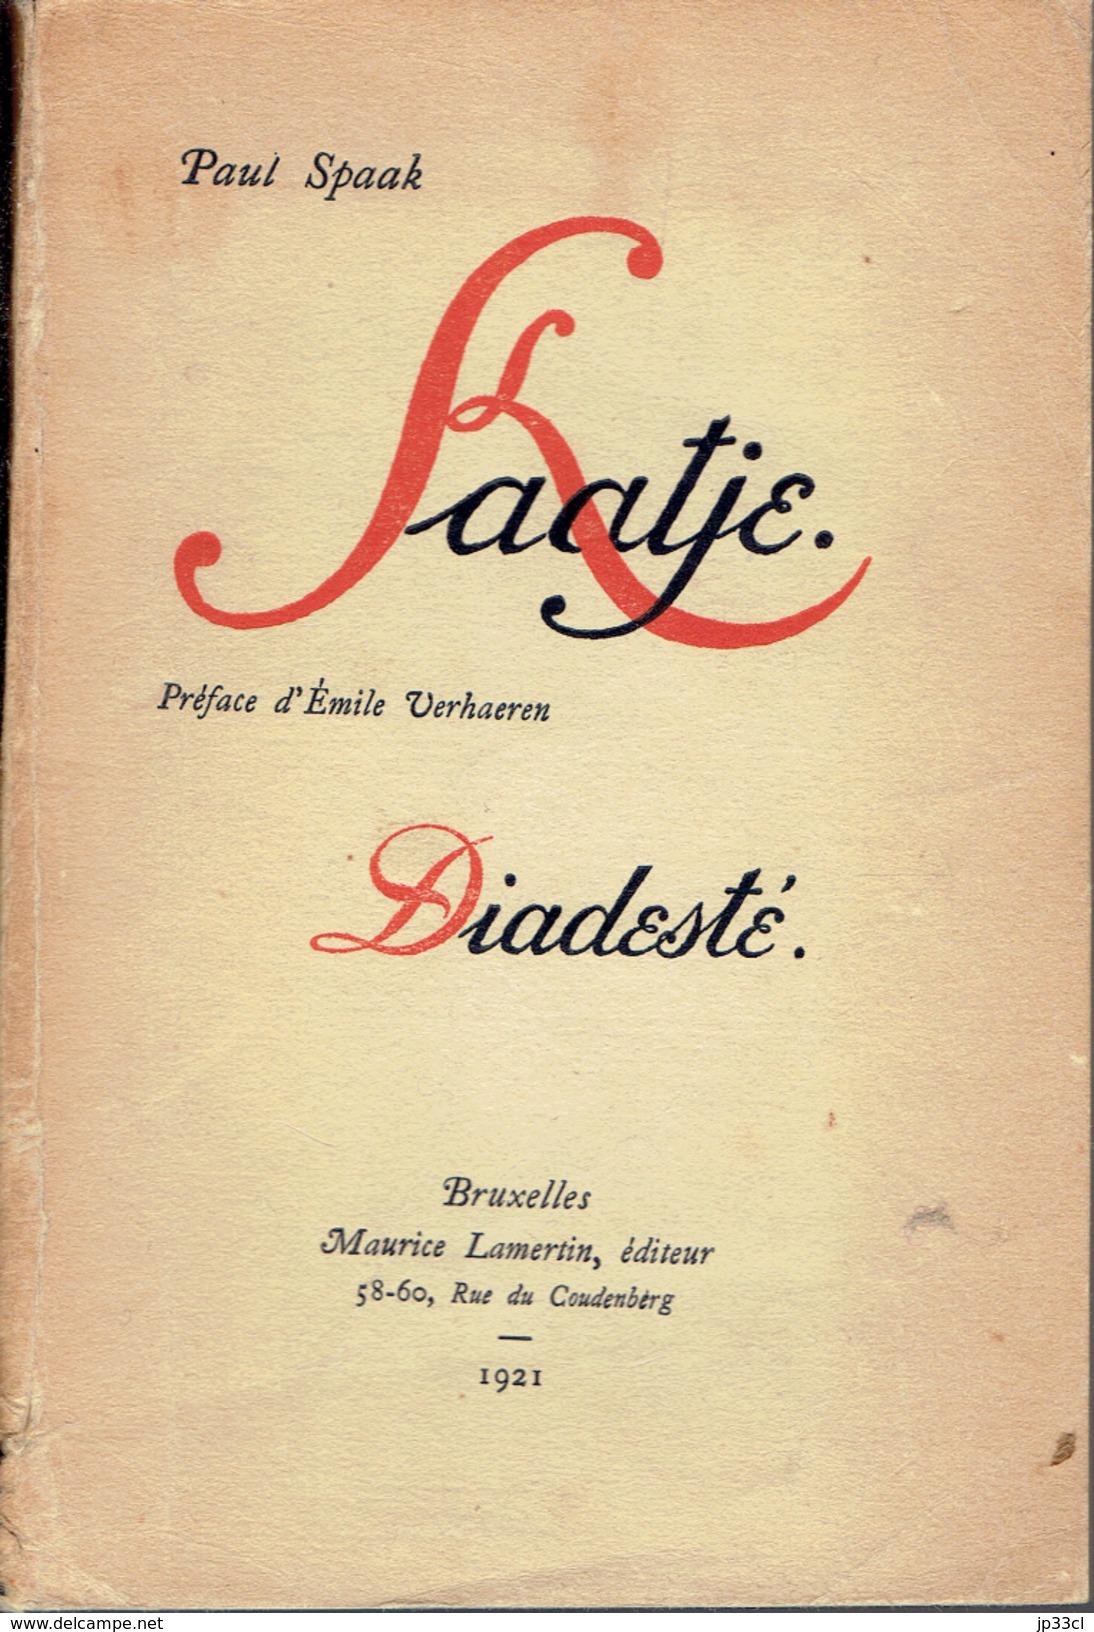 Kaatje + Diadesté Par Paul Spaak, Préface D'Émile Verhaeren, Lamertin, Bruxelles, 1921 - Theater